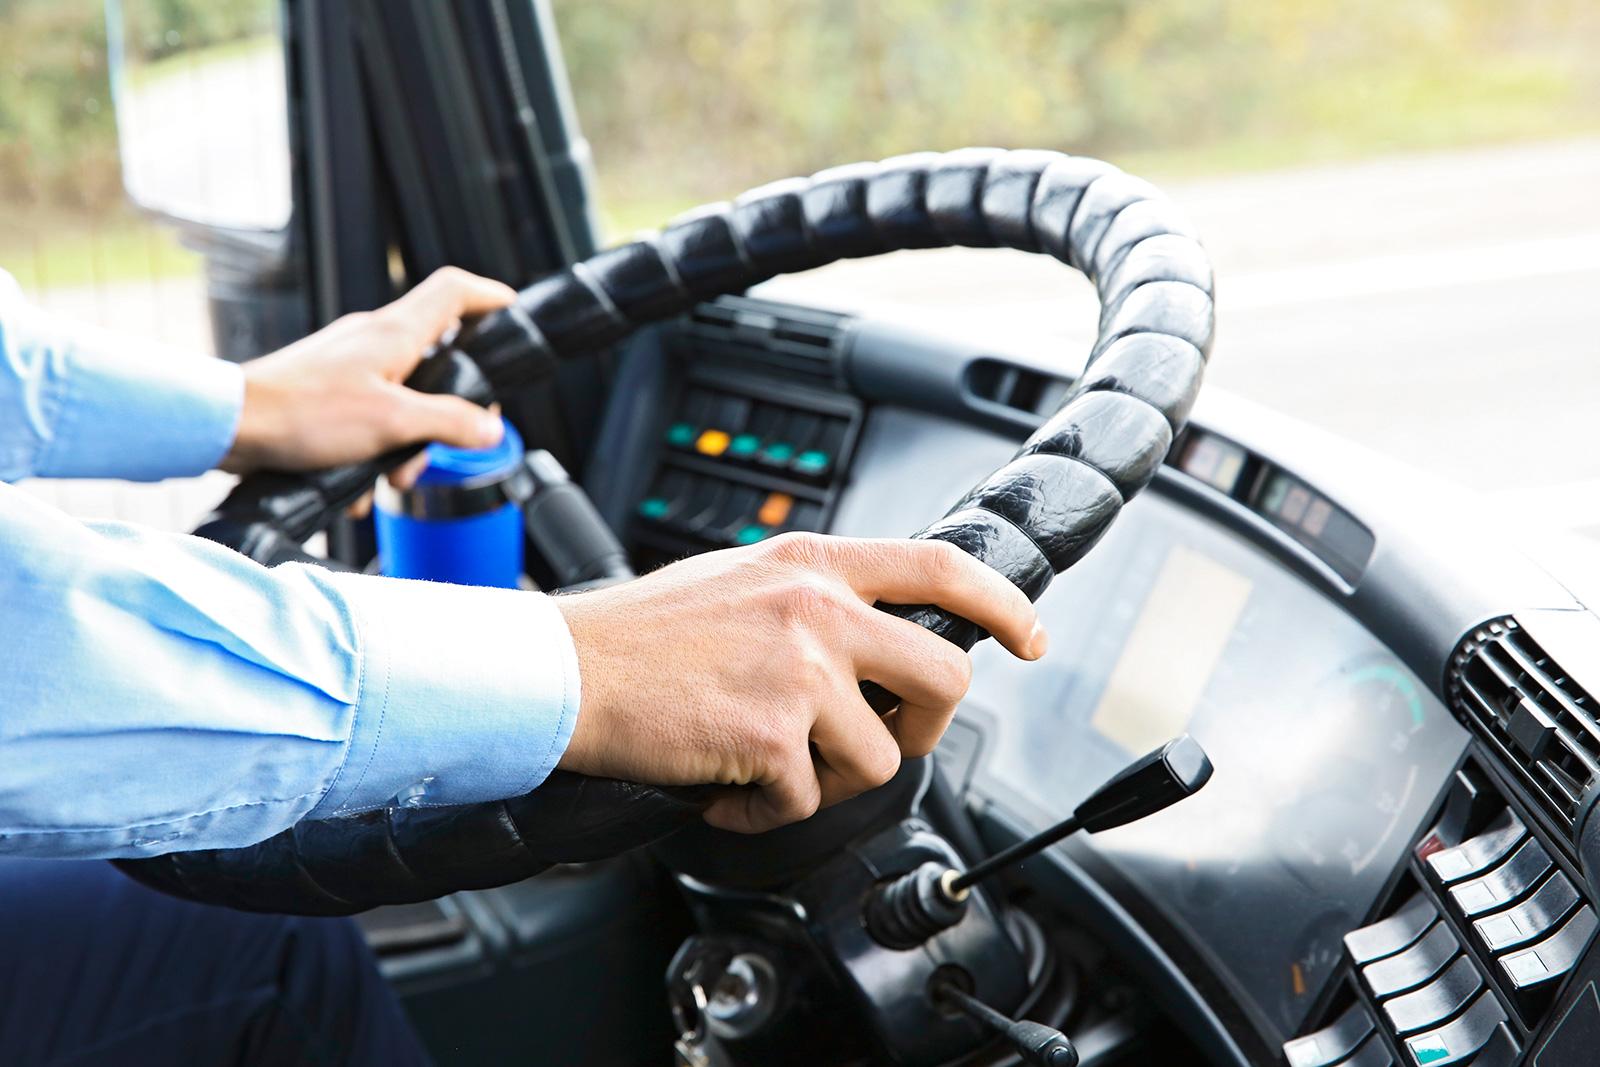 В Твери у водителя автобуса украли телефон прямо из кабины